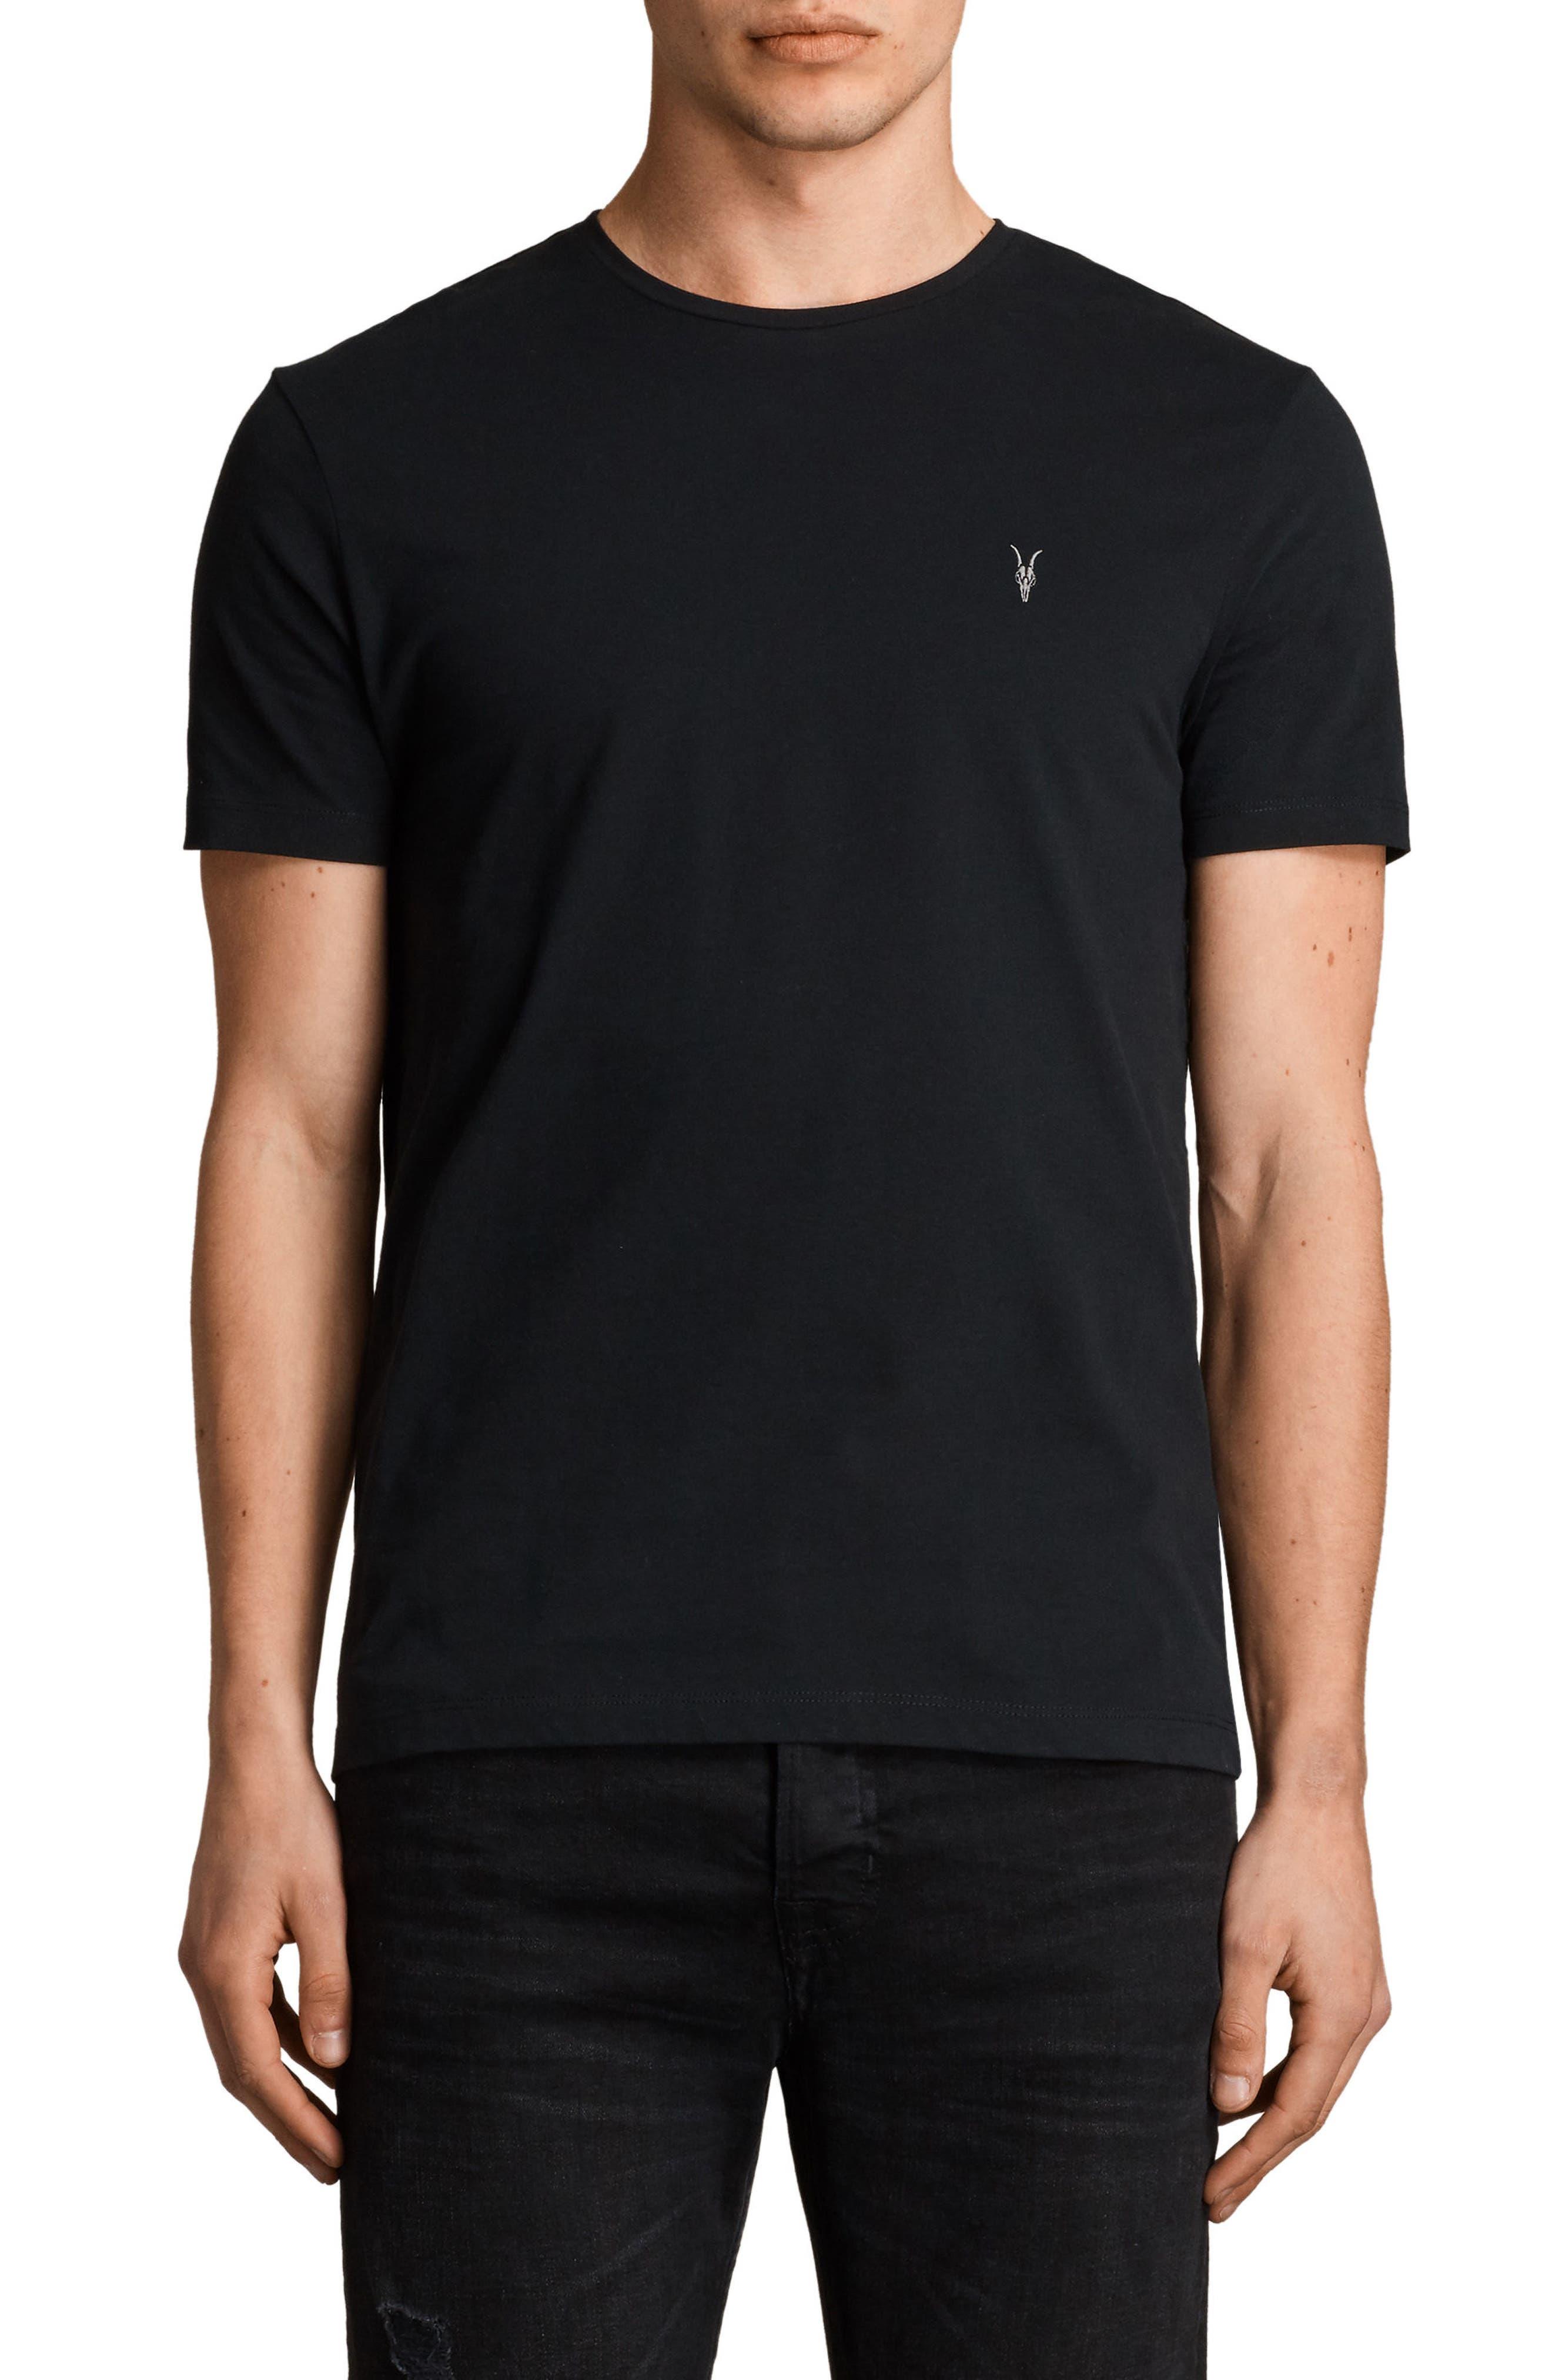 Main Image - ALLSAINTS Brace Tonic Slim Fit Crewneck T-Shirt